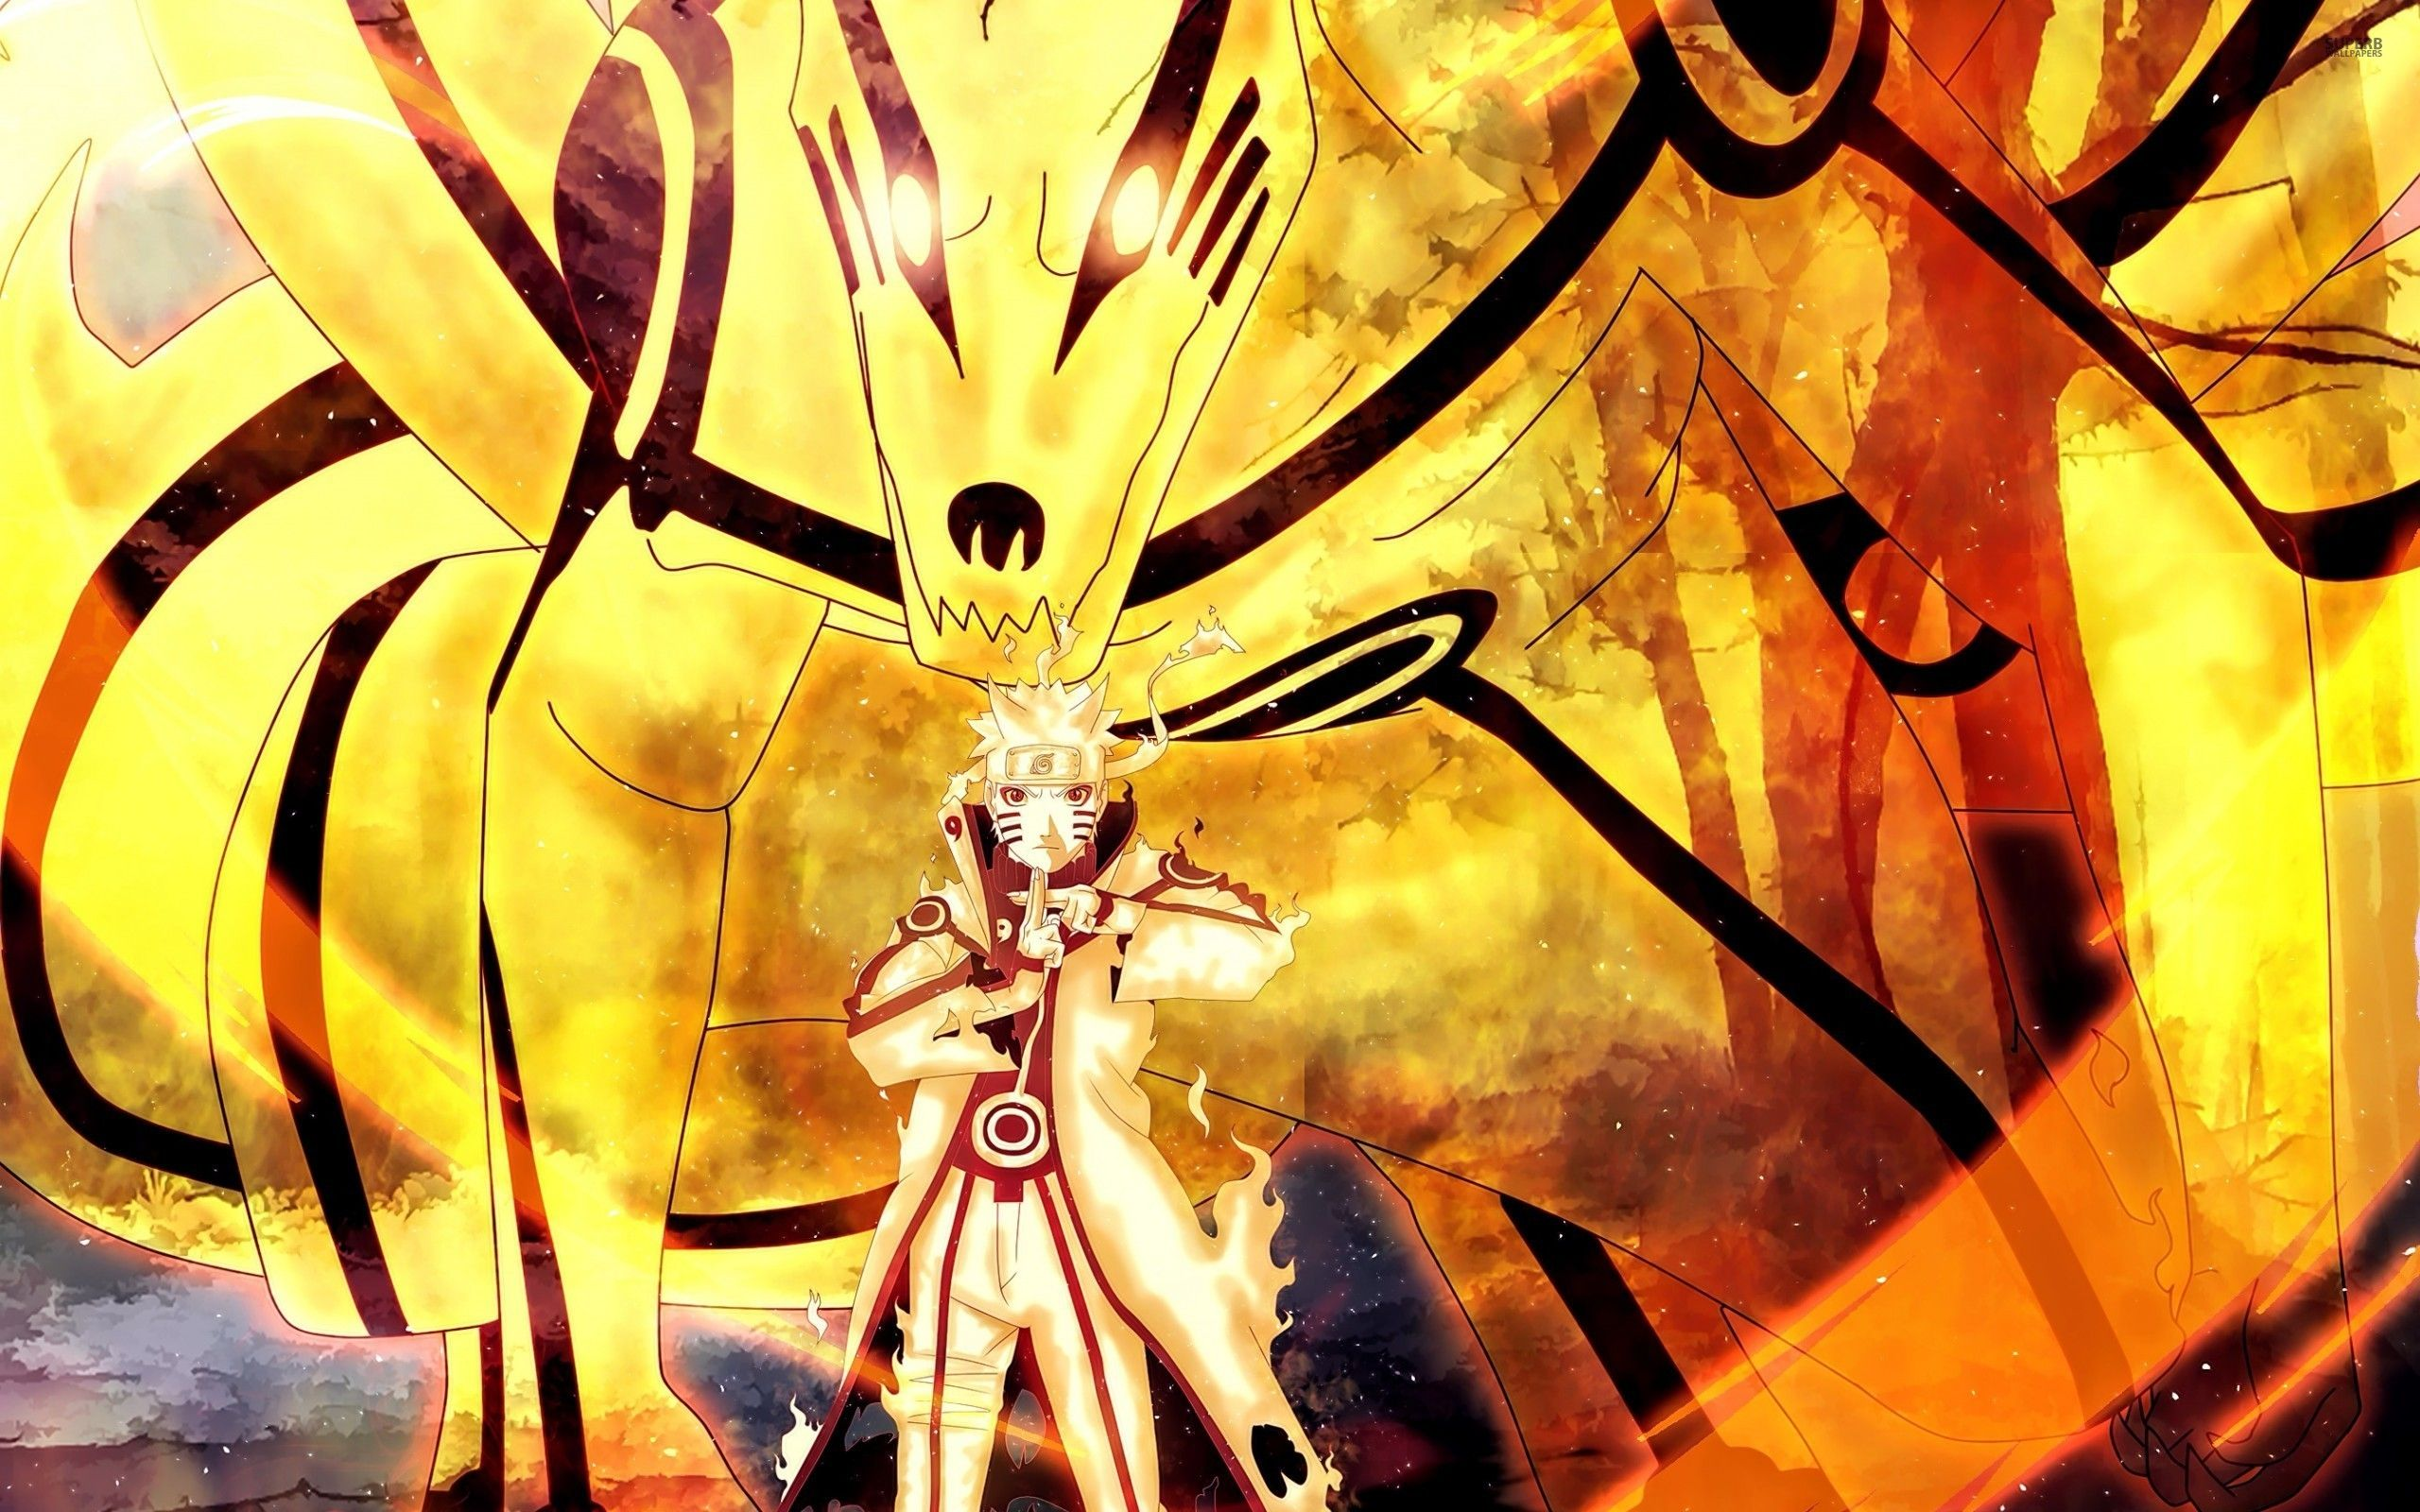 Iron Banner Ps4 Gear Fotos De Naruto Shippuden Naruto Anime Naruto Uzumaki